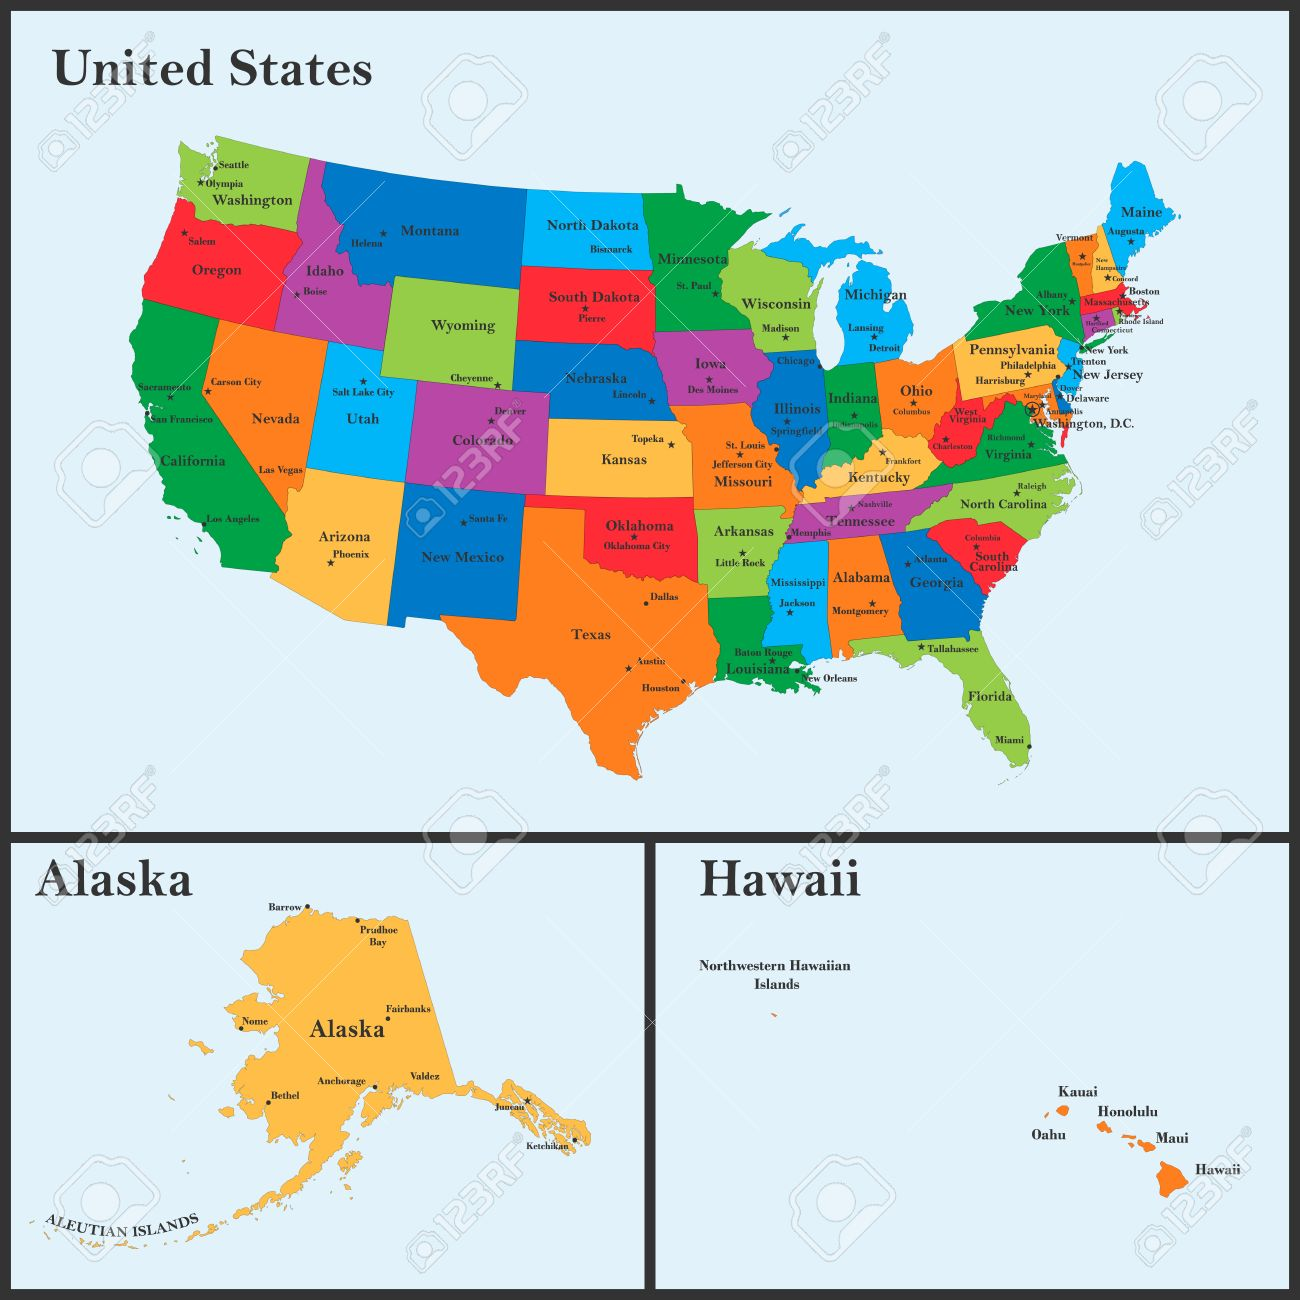 Die Detaillierte Karte Der Usa Einschliesslich Alaska Und Hawaii